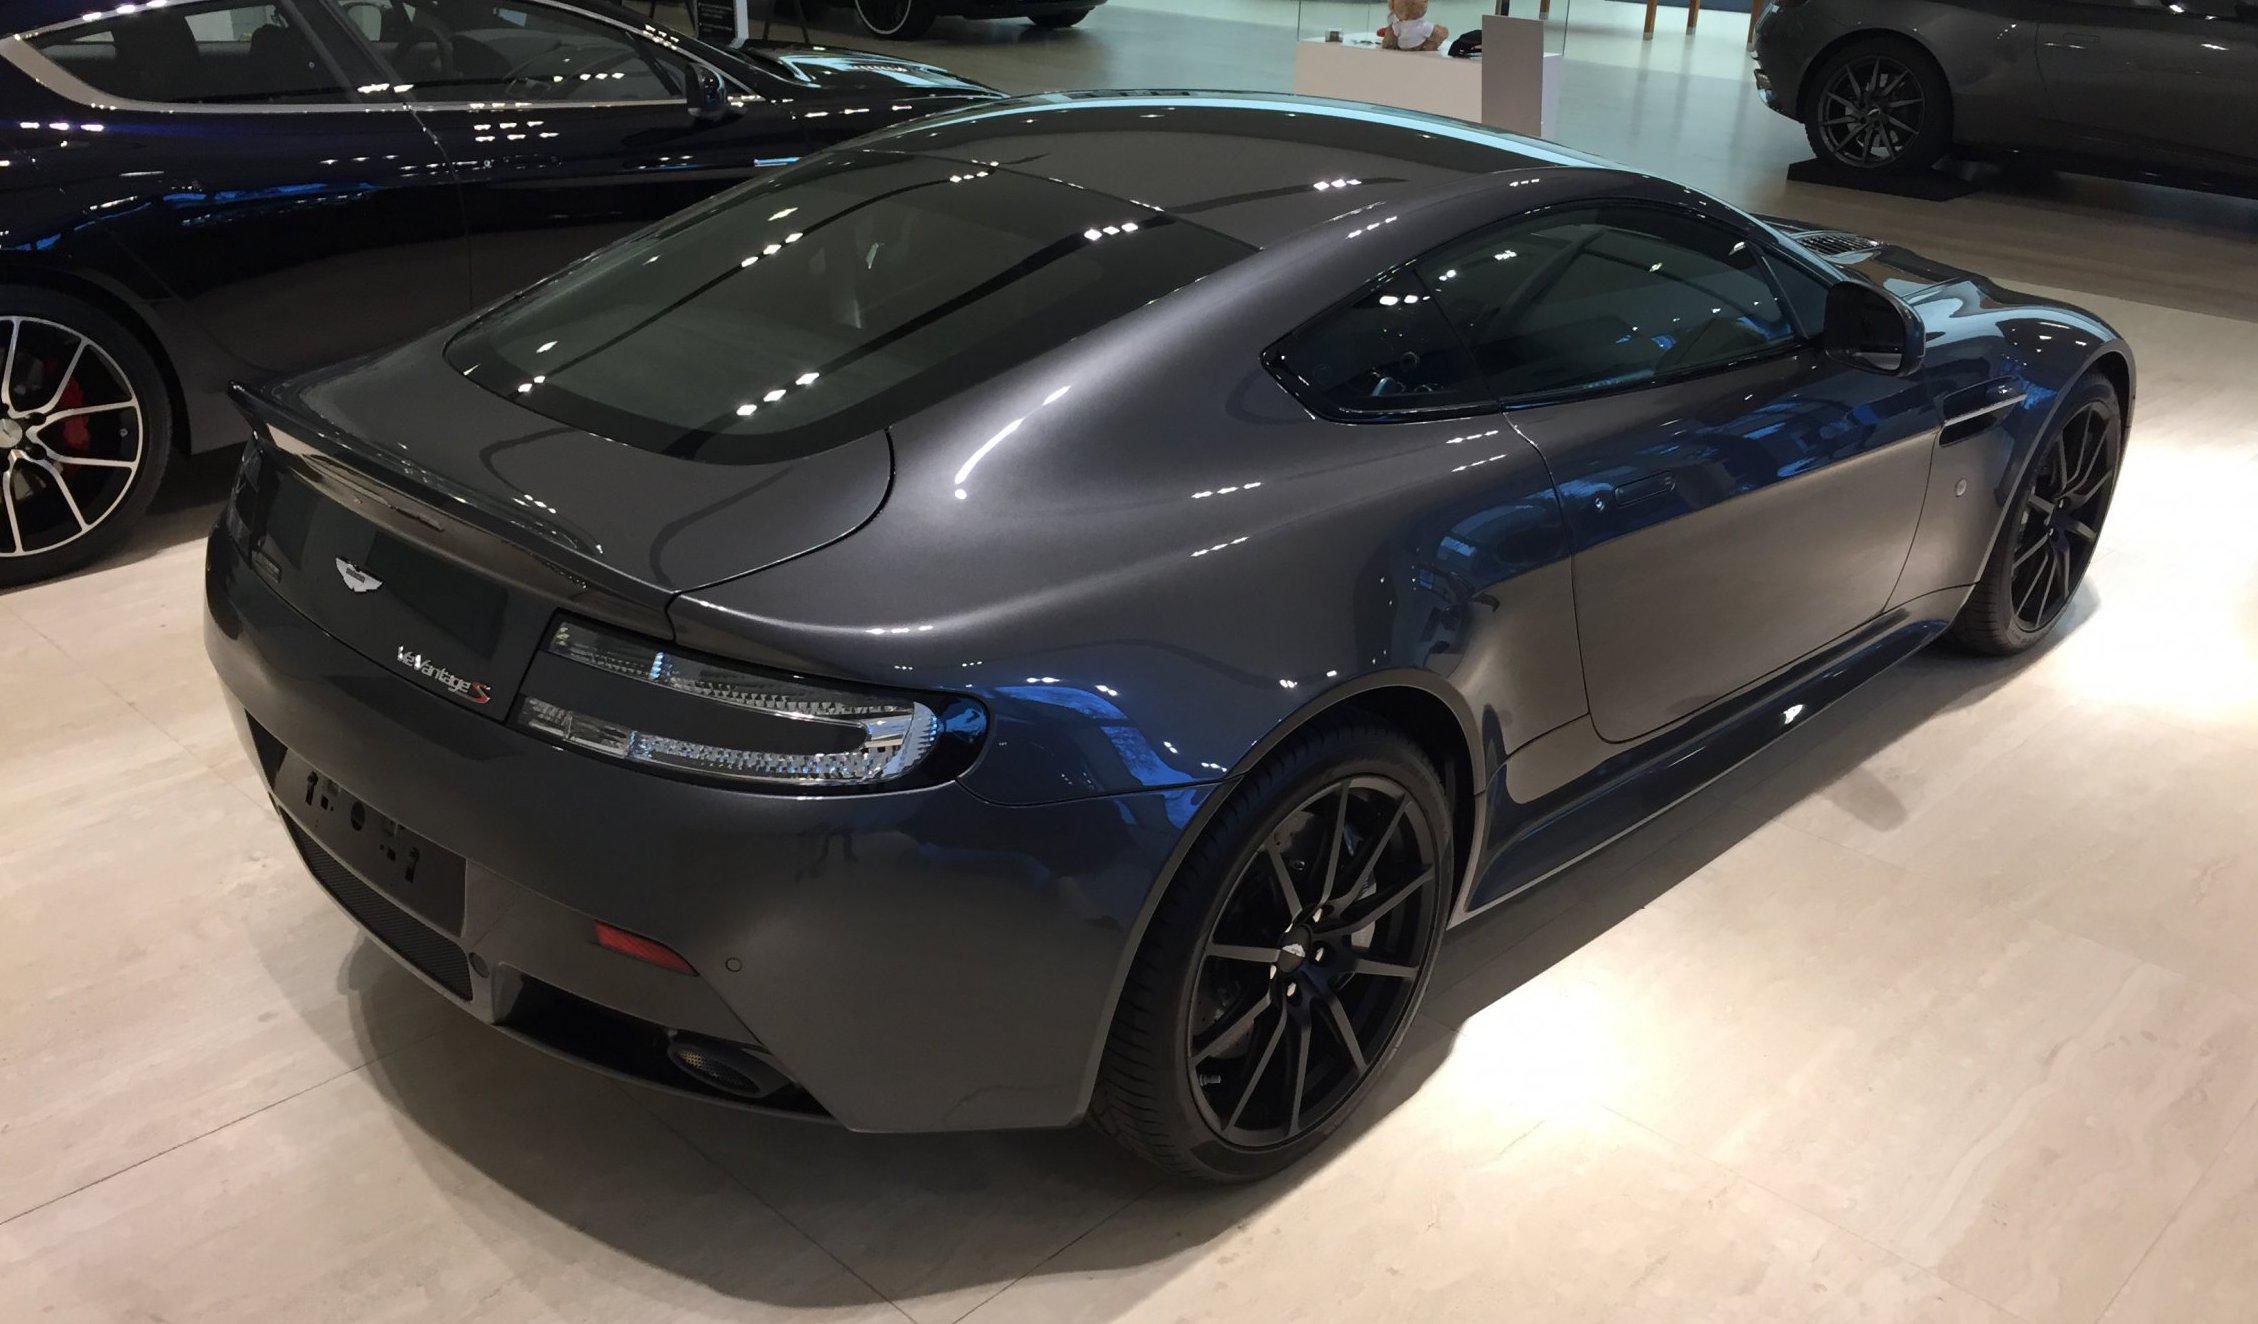 Aston Martin V12 Vantage S Cito Motors Max Verstappen